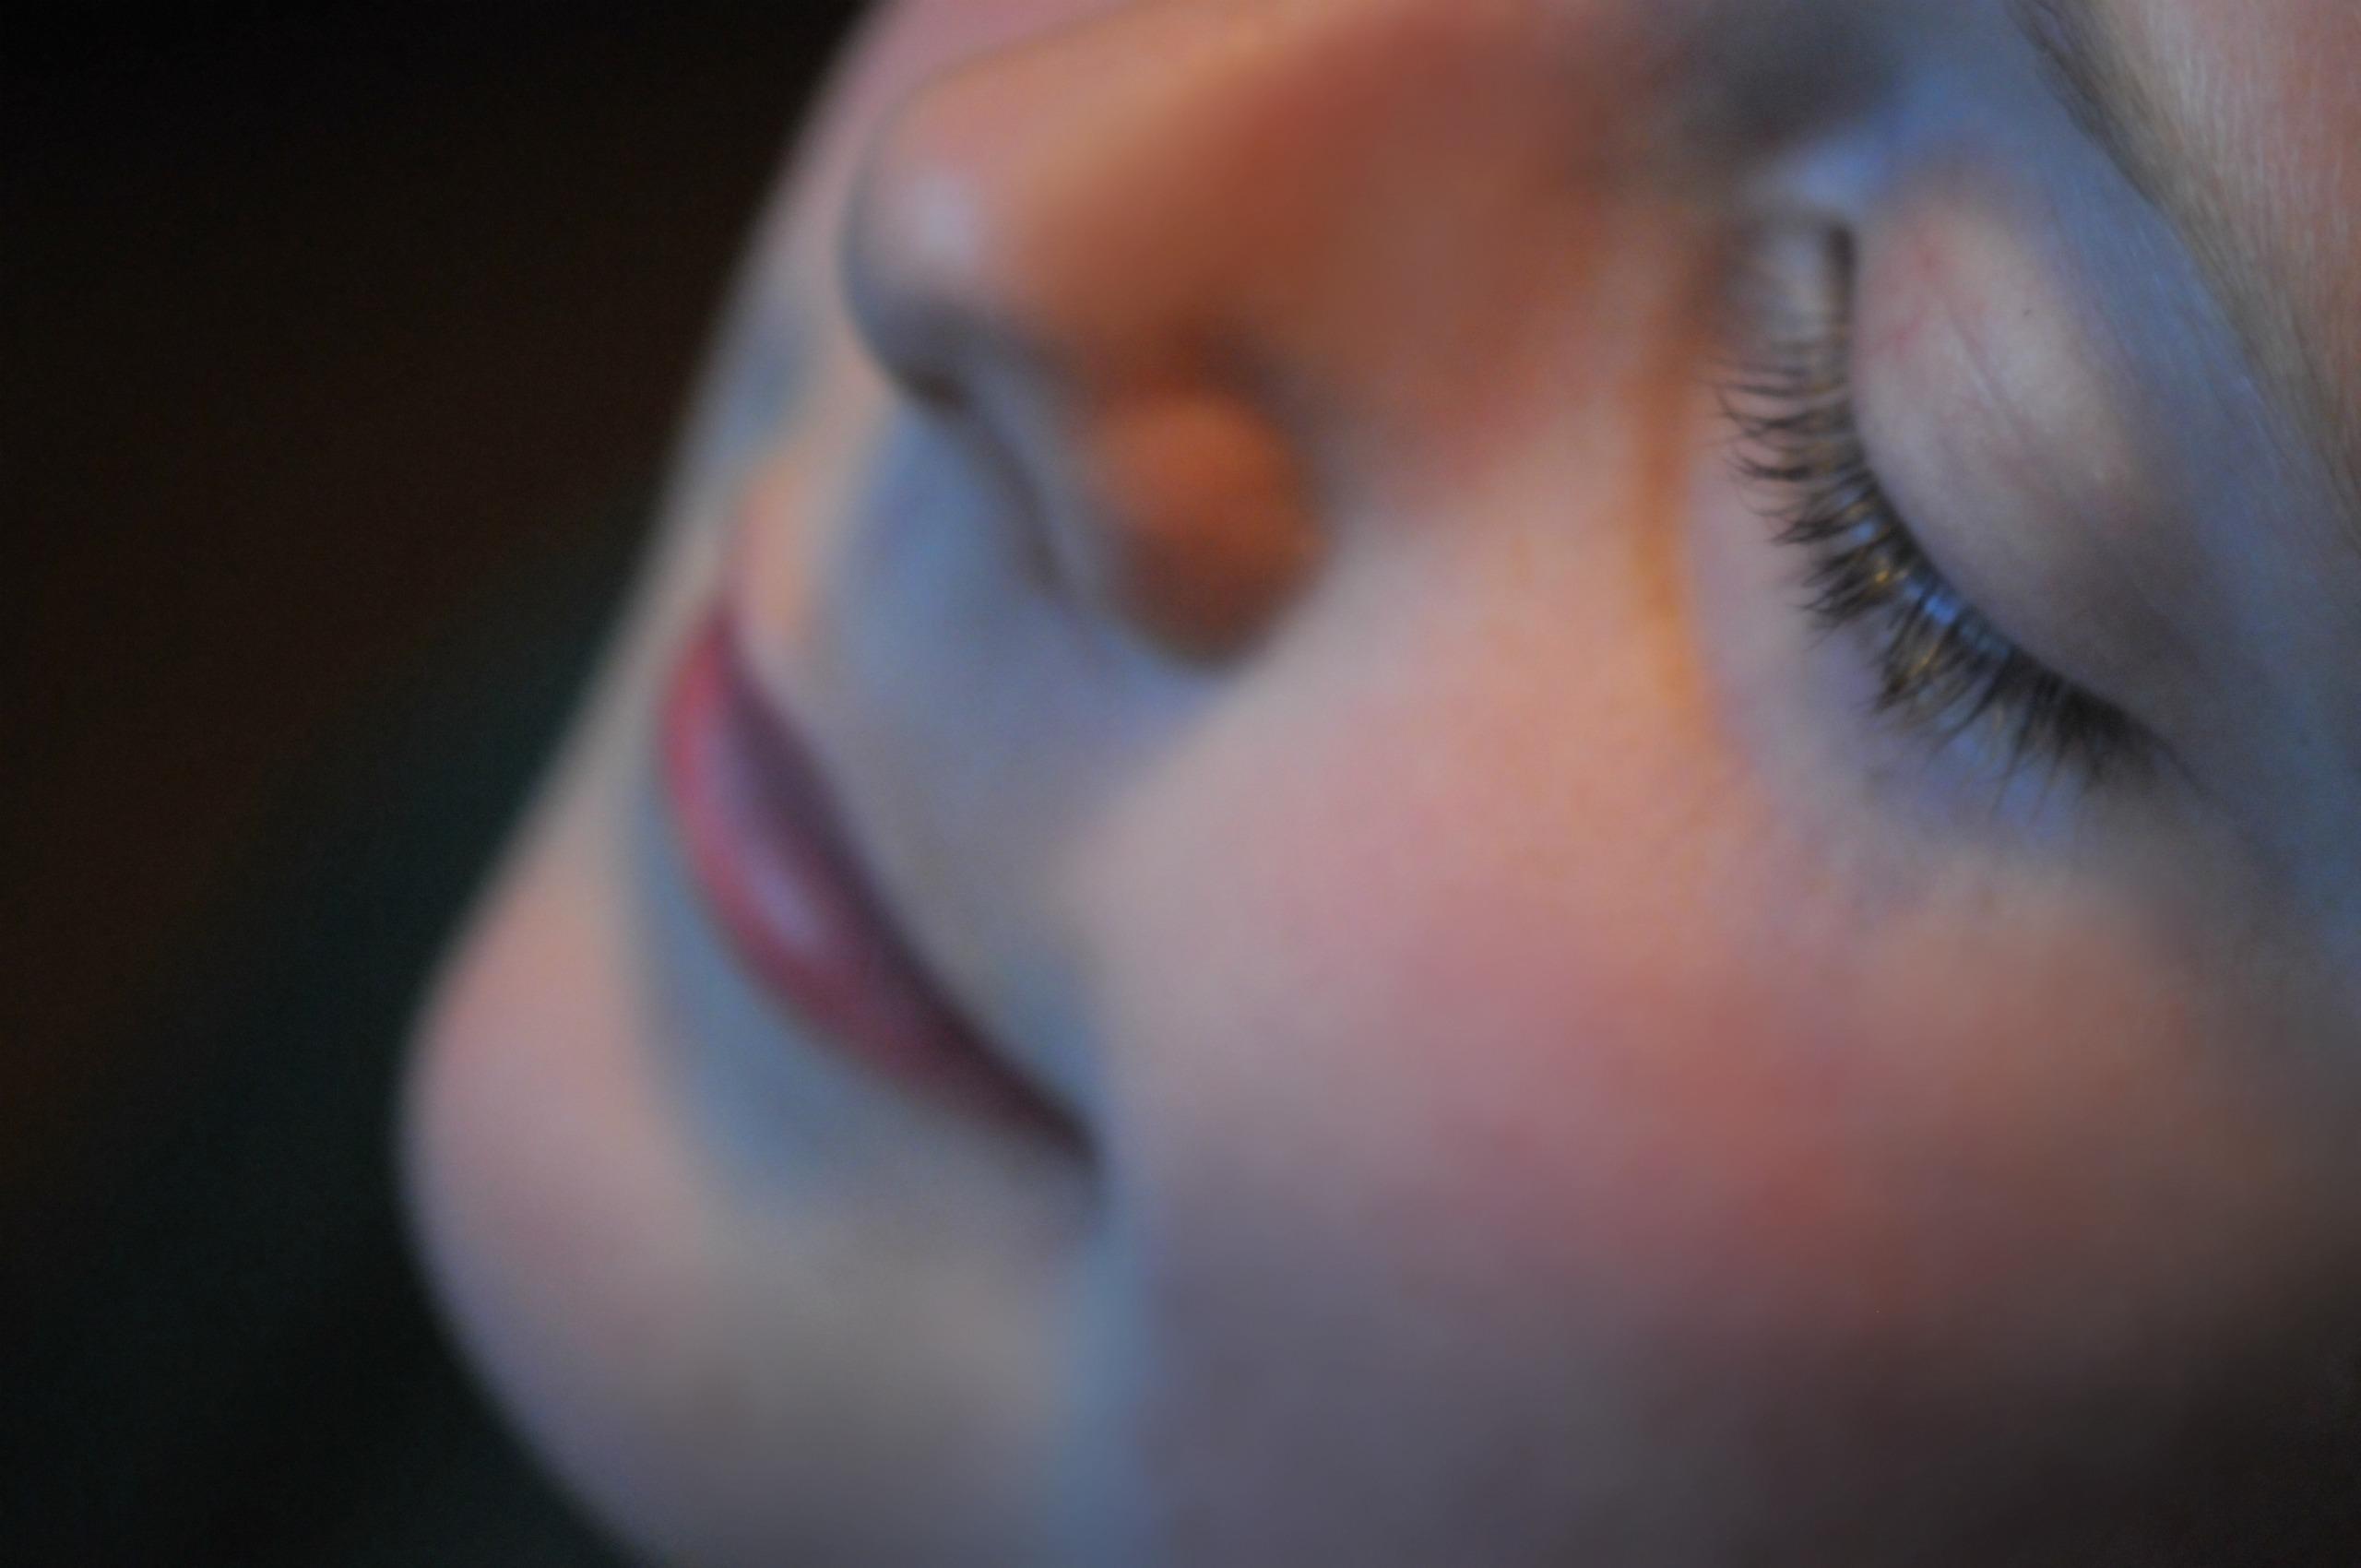 Charlie_sleeping eye II